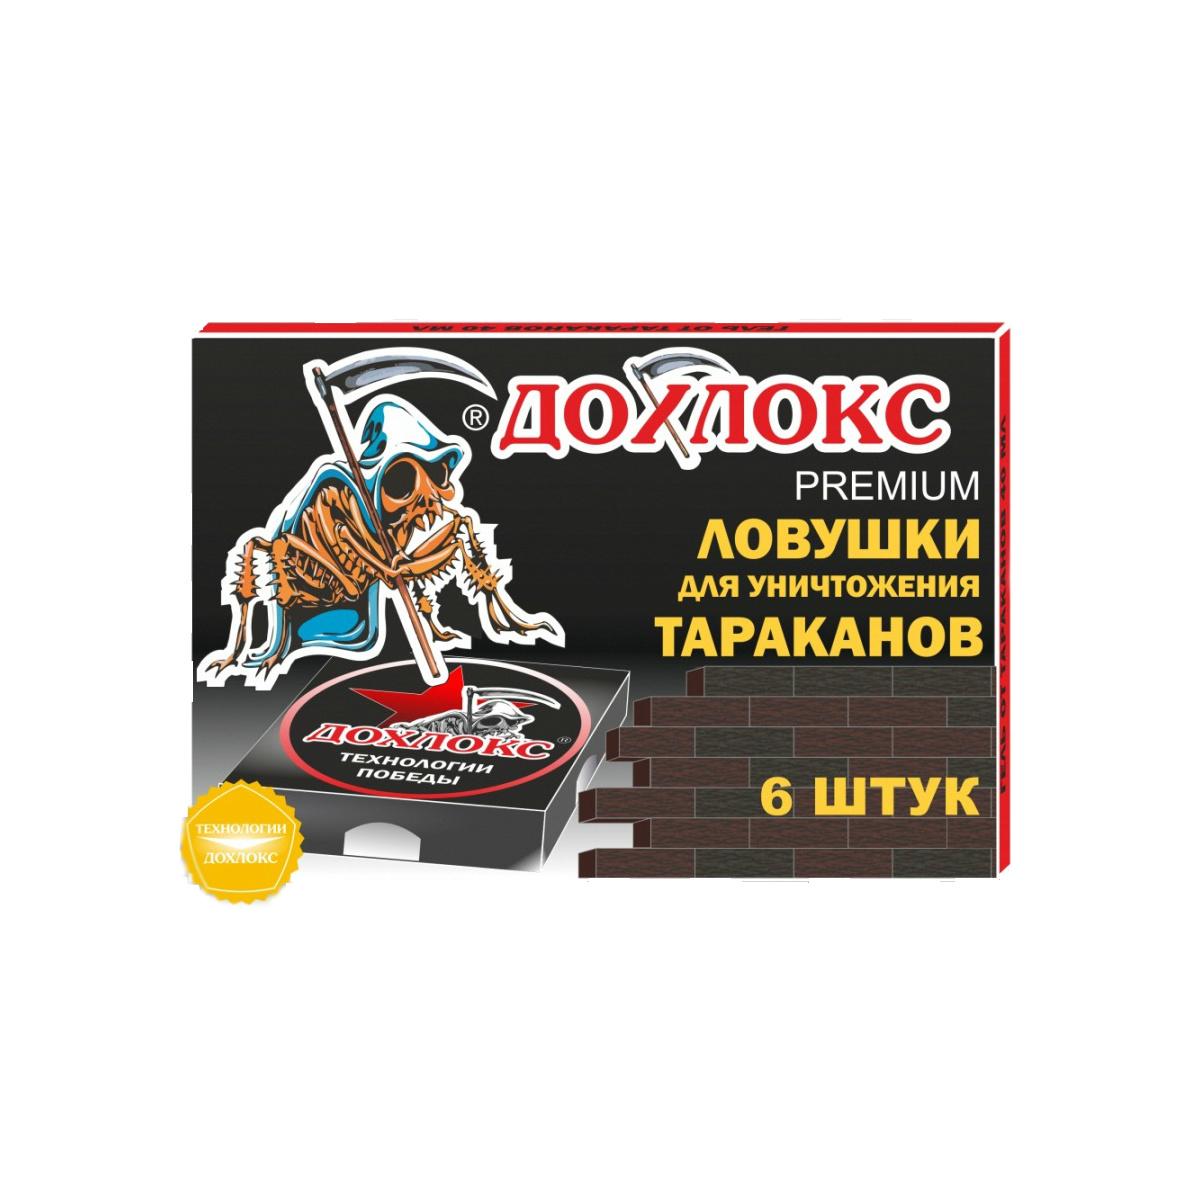 Ловушка от тараканов Дохлокс Premium 6 штук